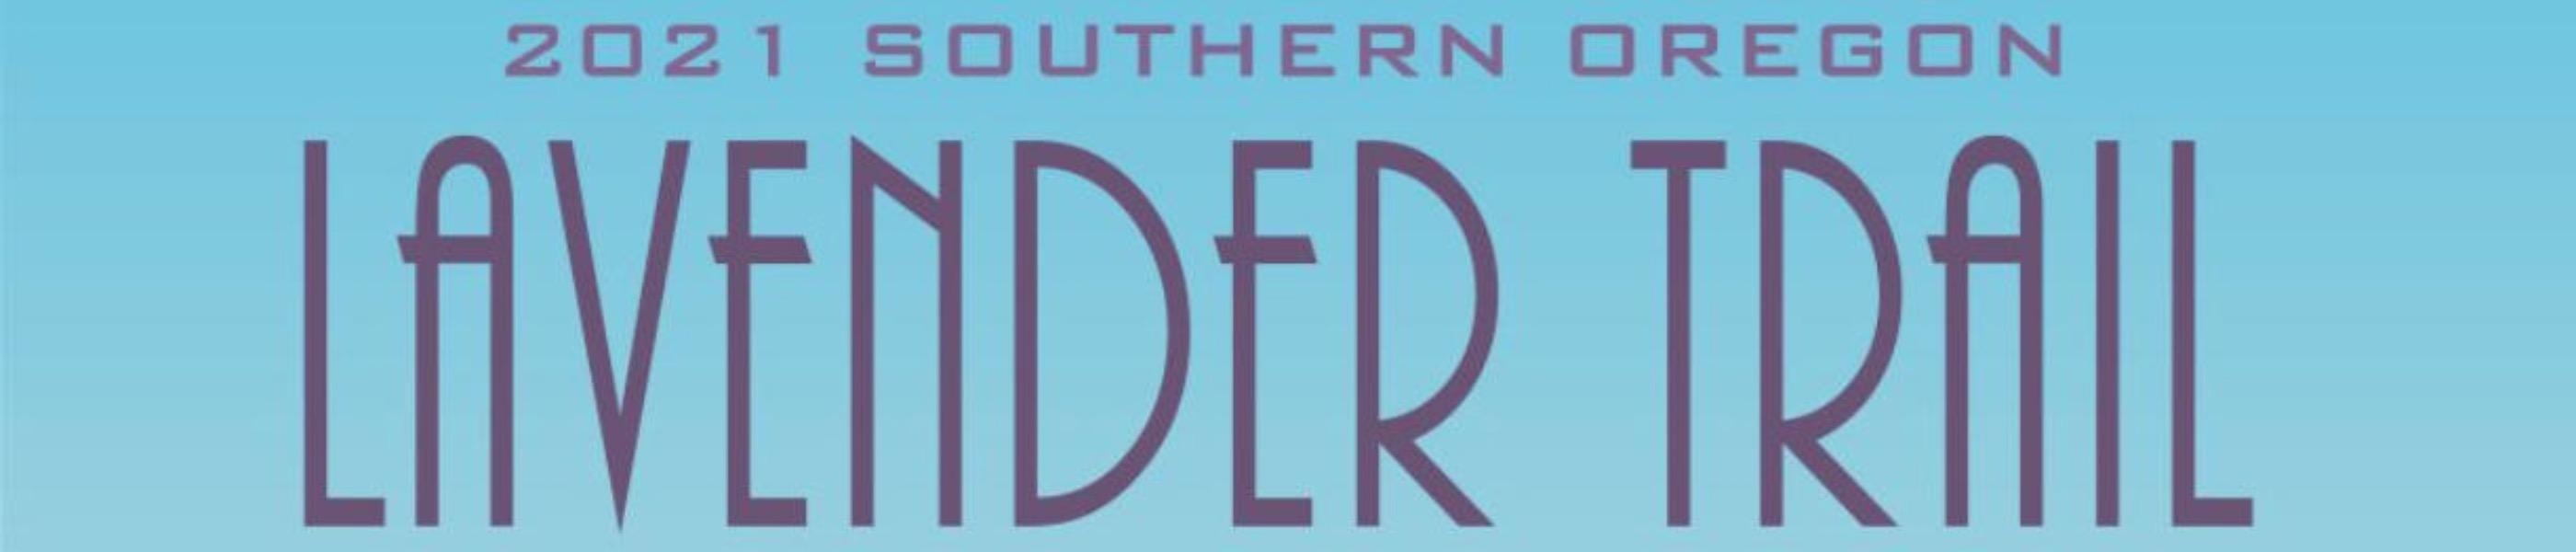 Southern Oregon Lavender trail